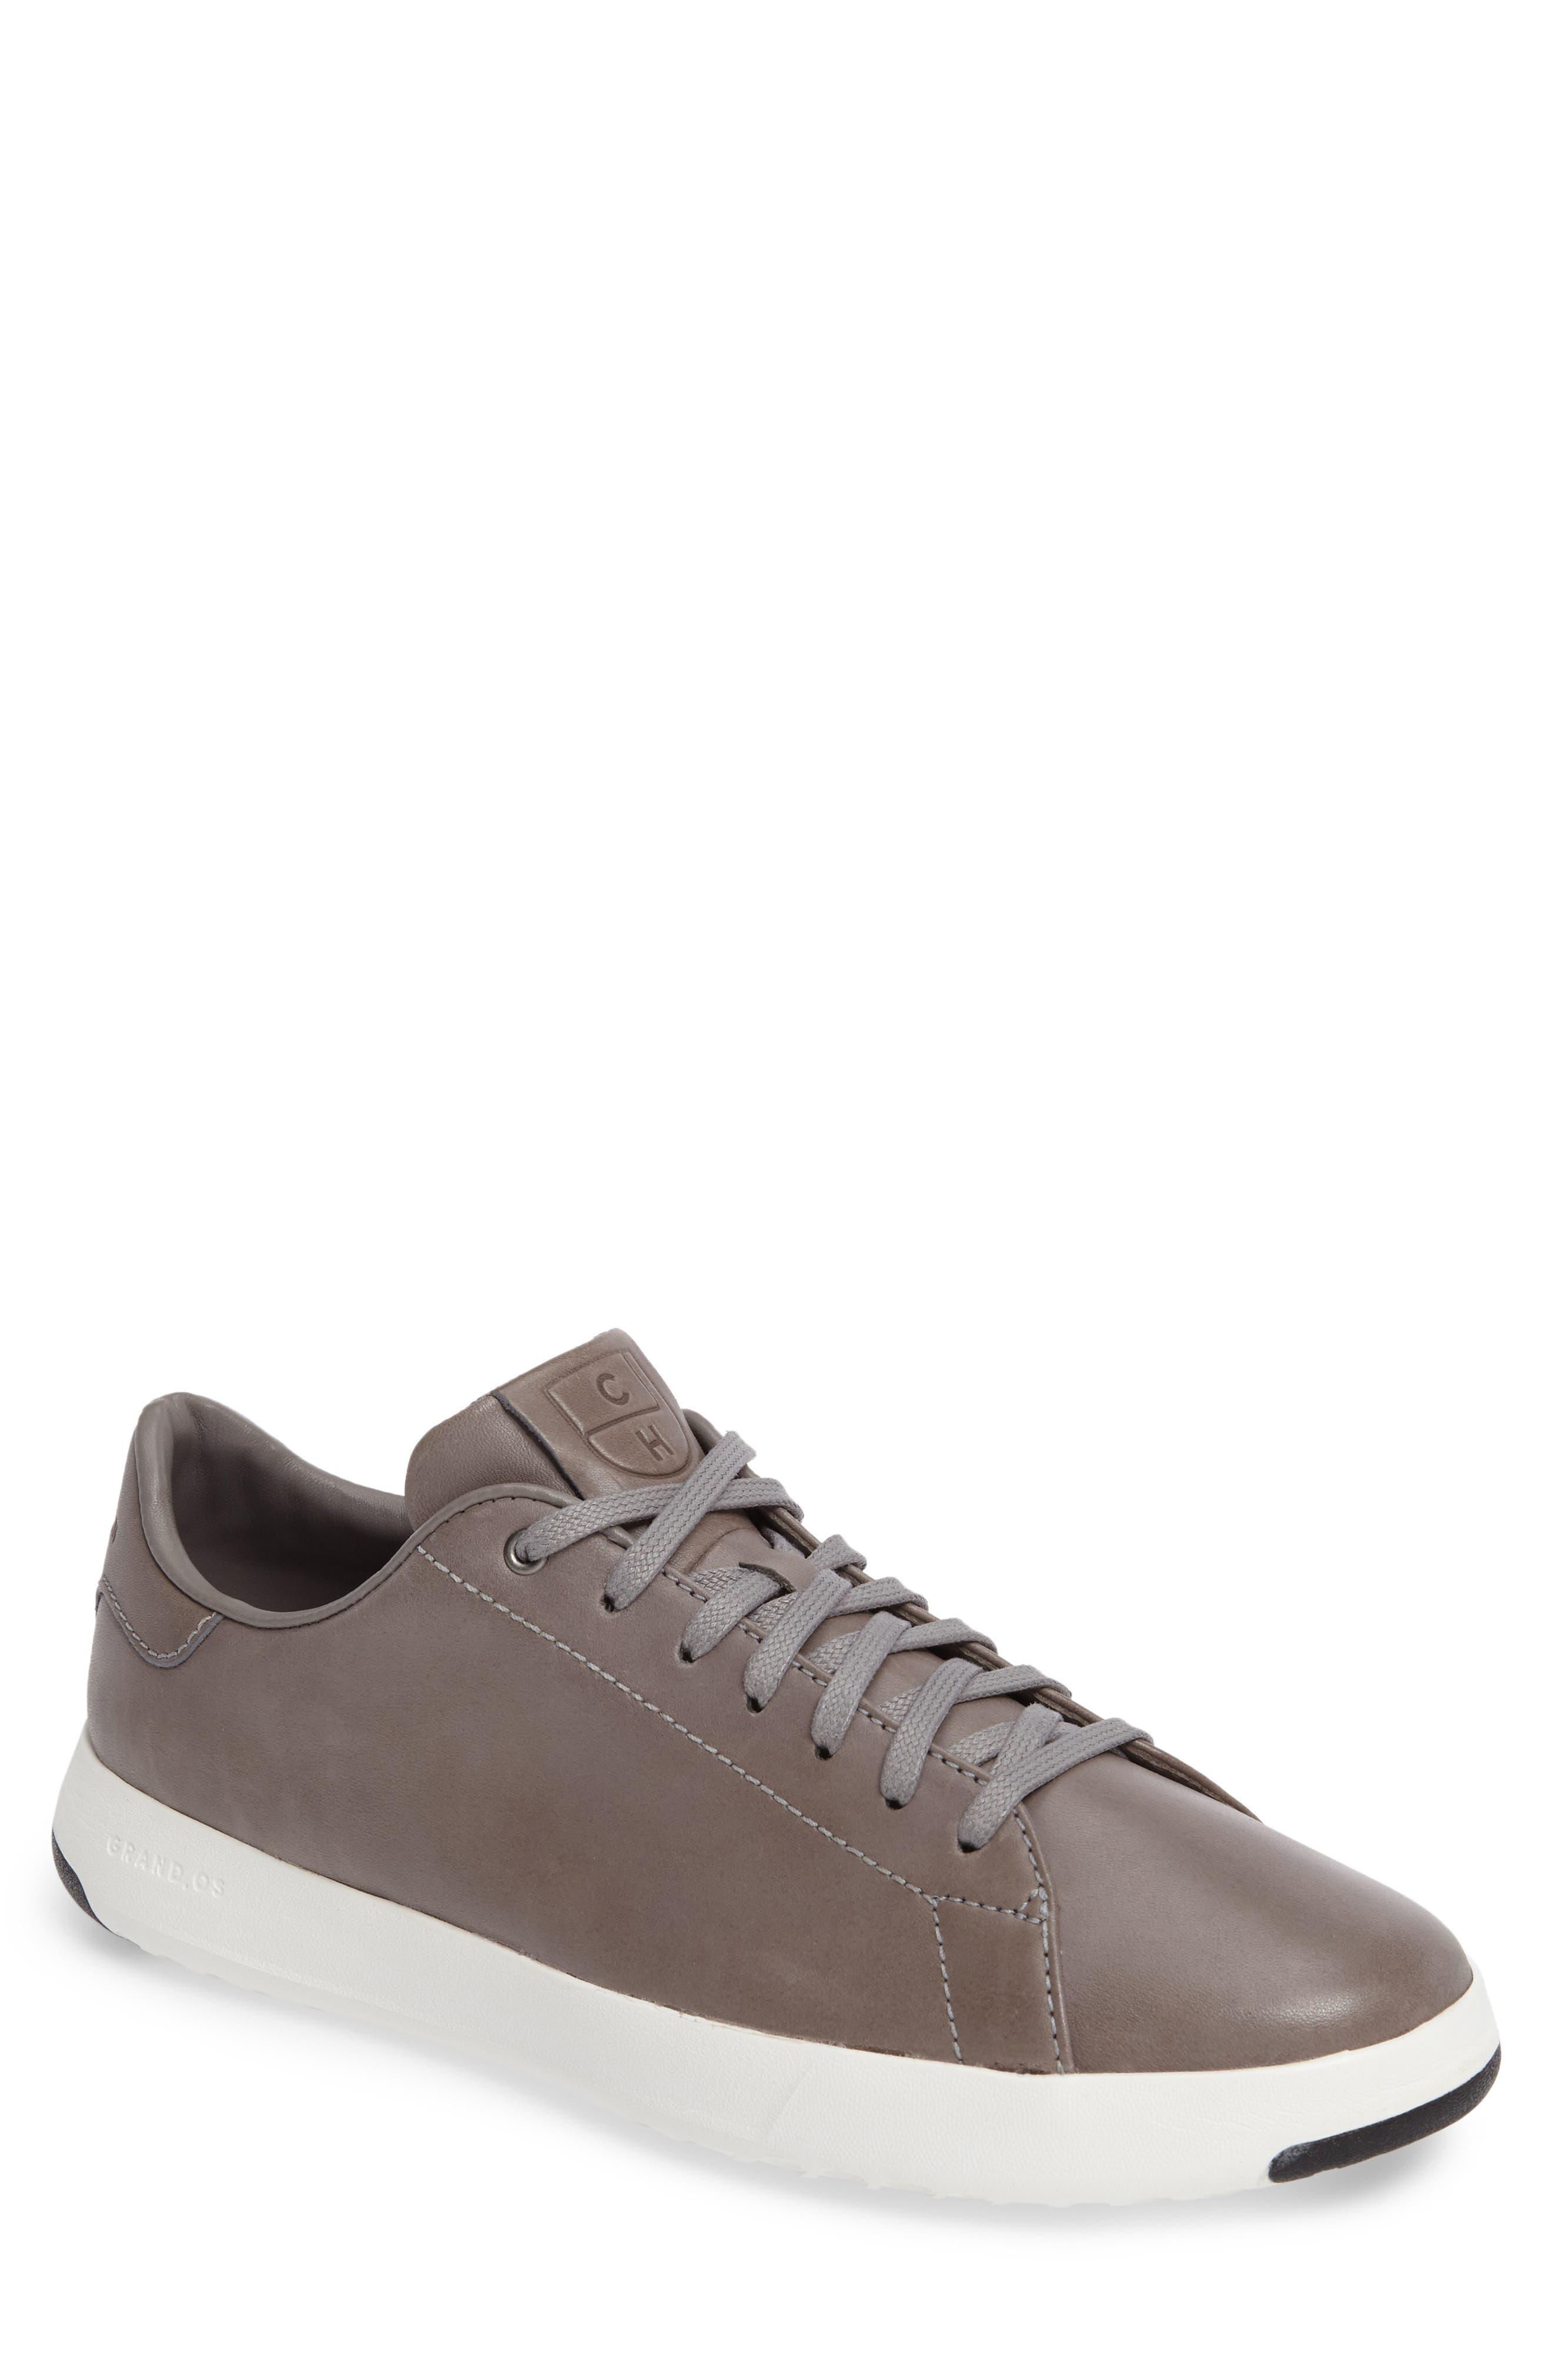 Cole Haan | GrandPro Low Top Sneaker